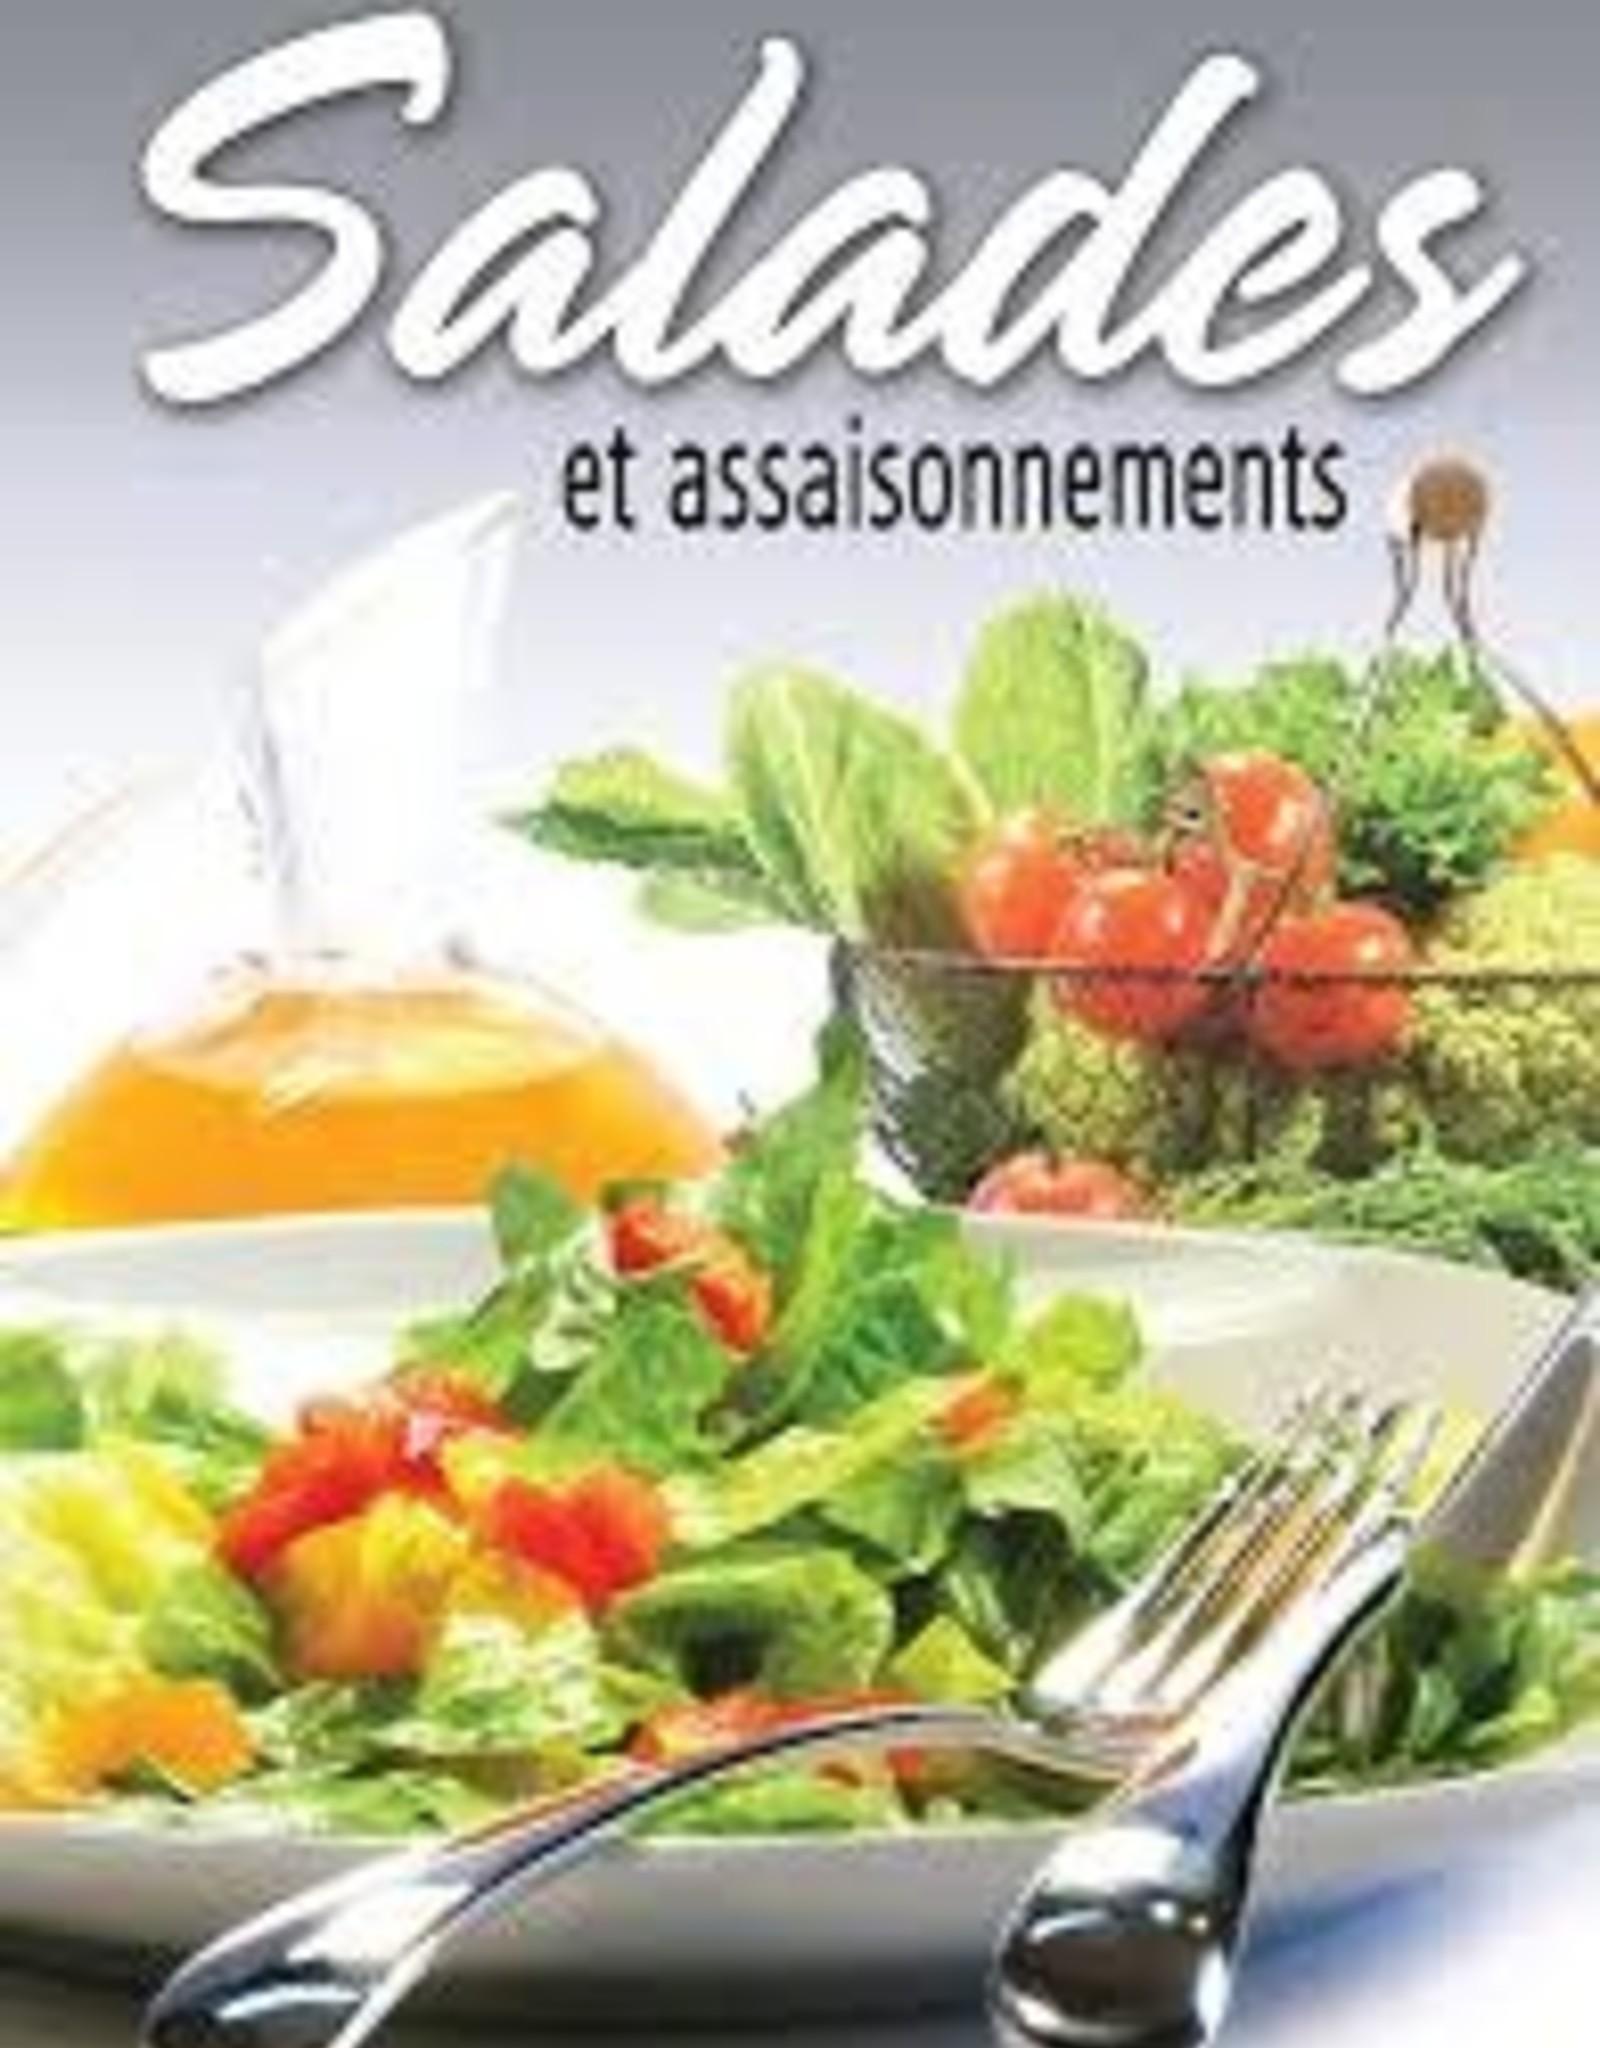 Salades et assaisonnements